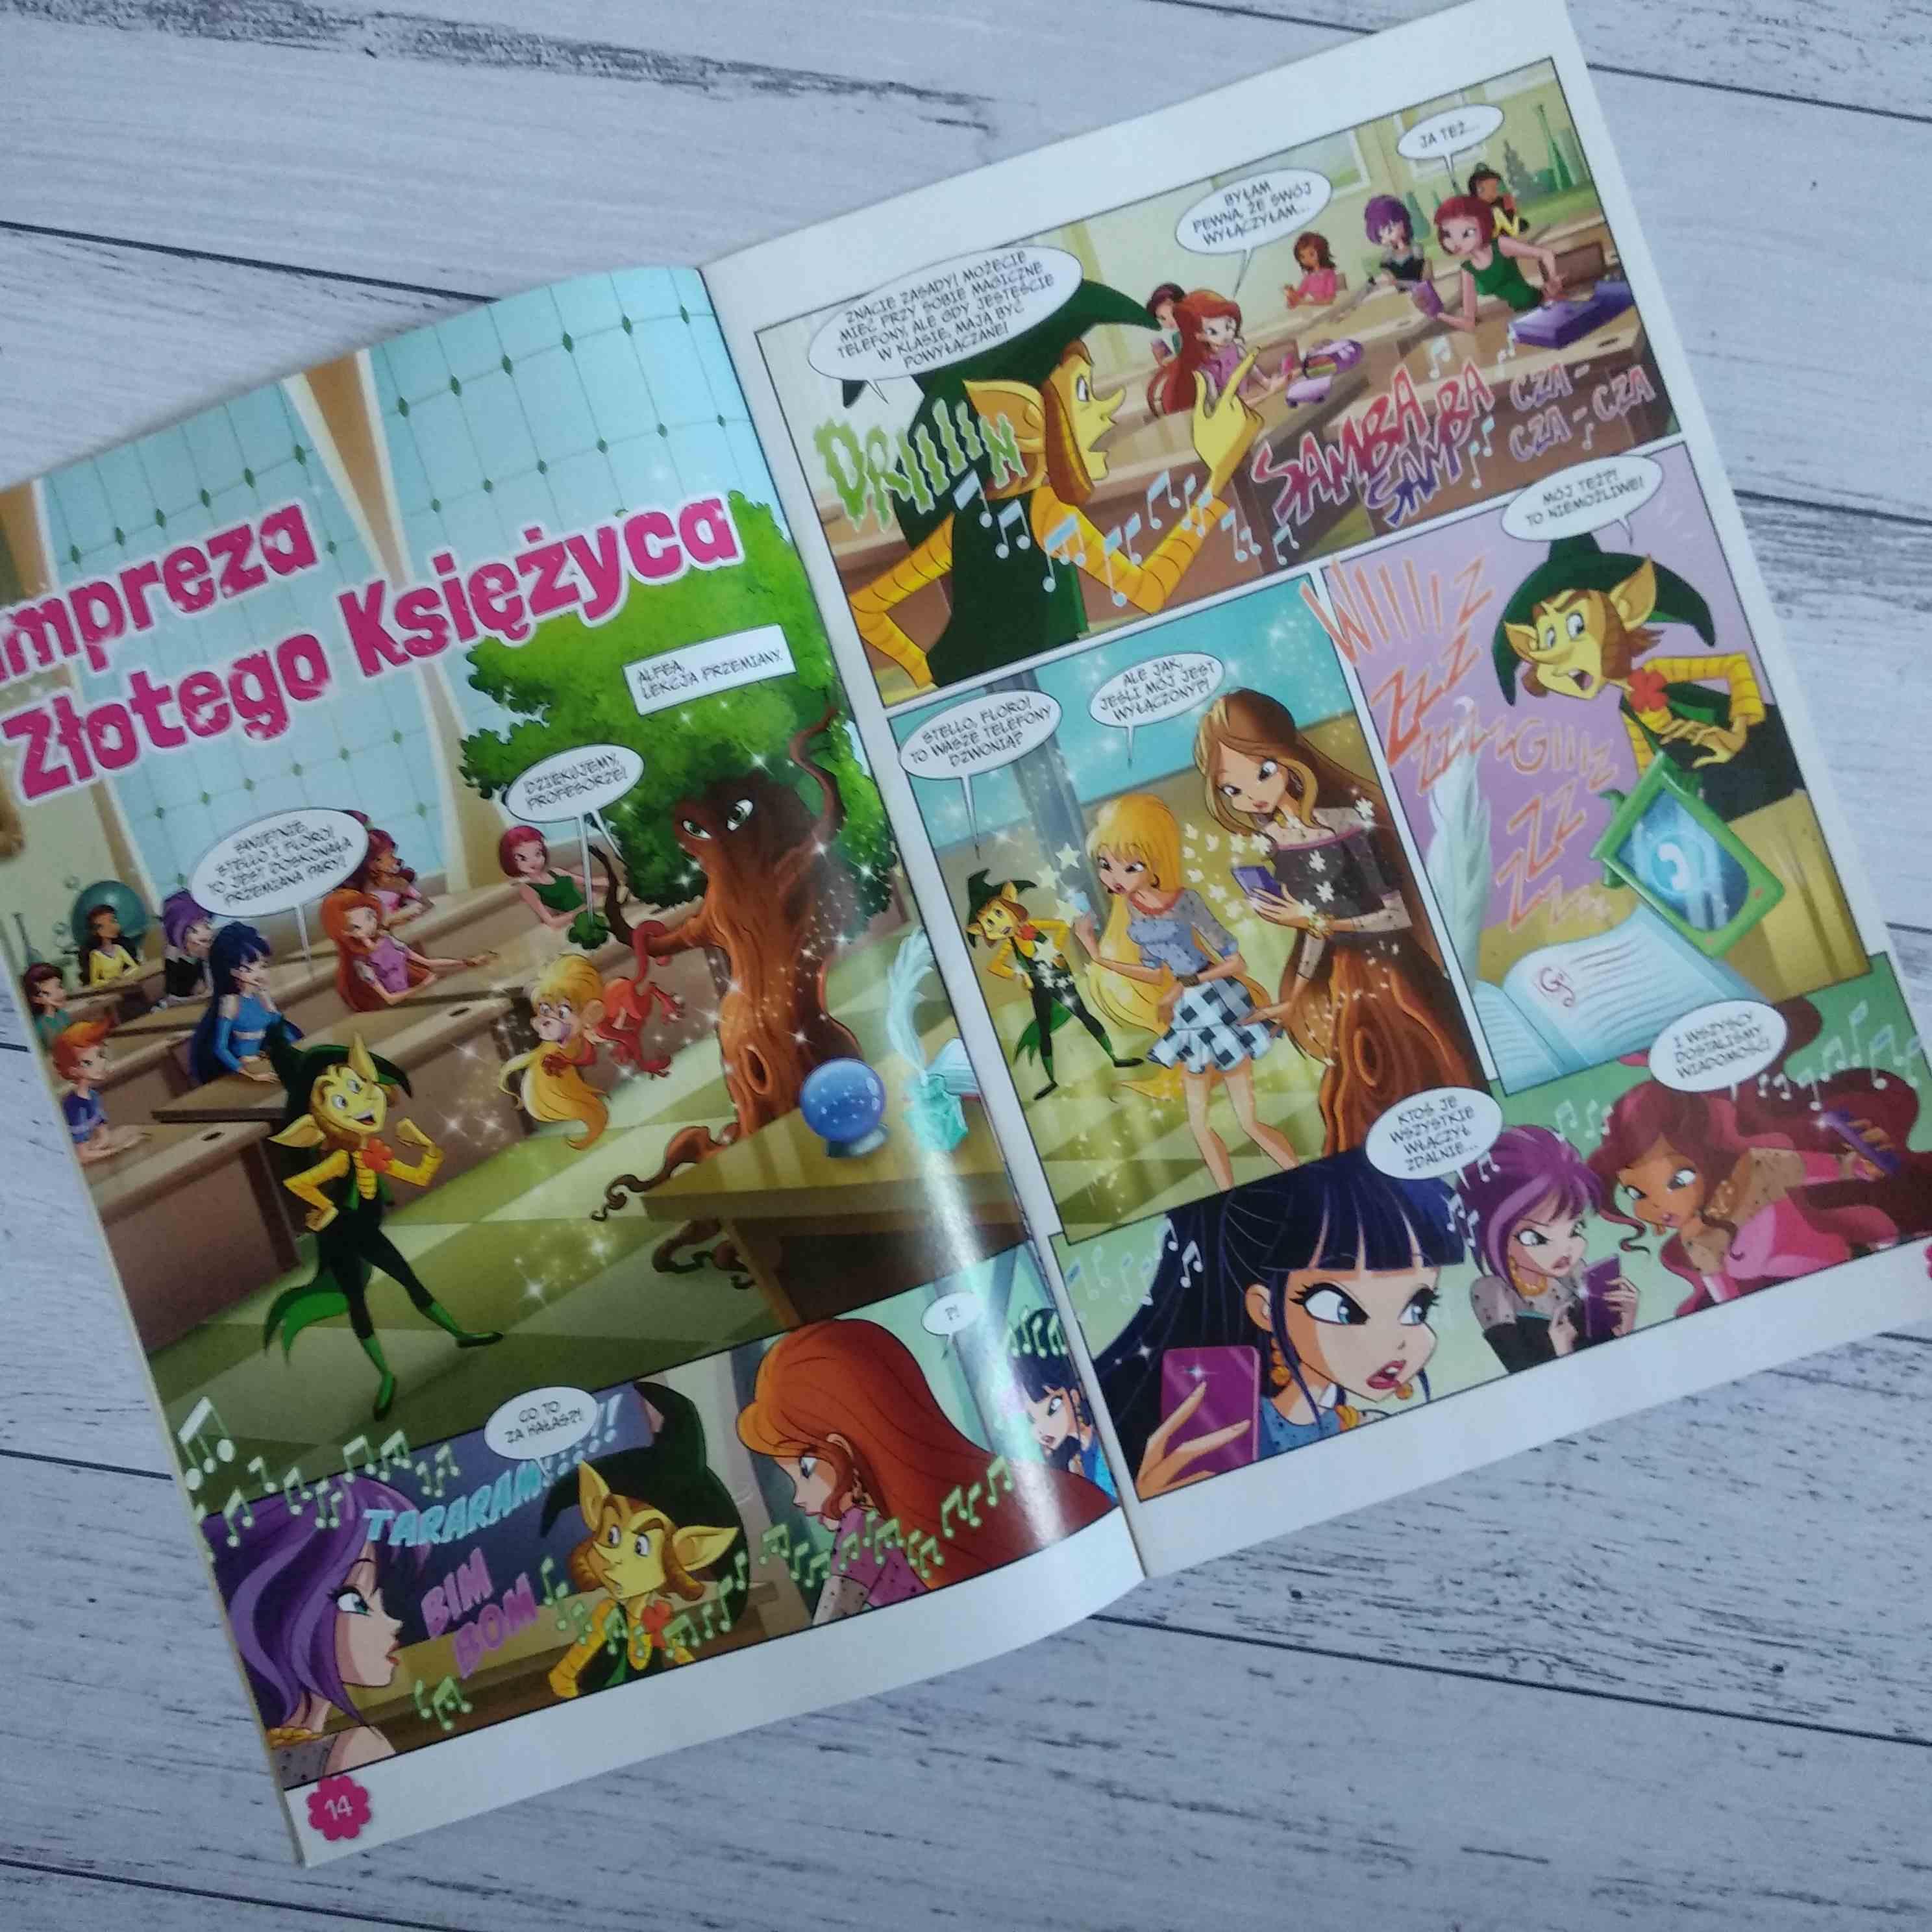 IMG 20190801 144425 - Magazyny dla dzieci - Media Service Zawada